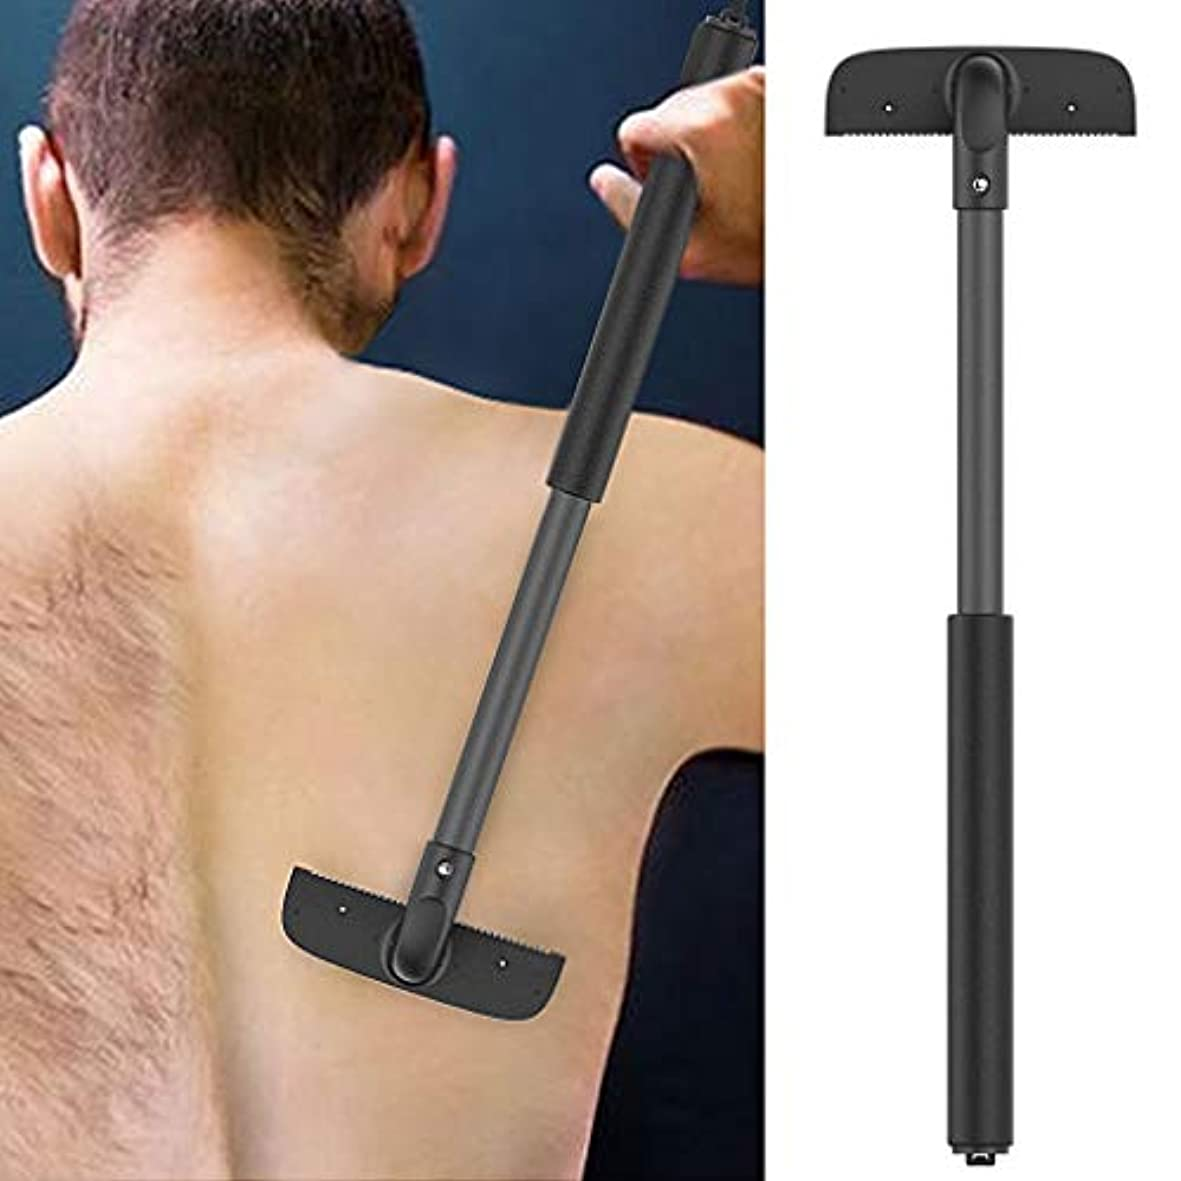 爬虫類気分が良いドライBack Hair Removal And Body Shaver、バックヘアとボディシェーバー、男性のための剃刀、調節可能なハンドル、伸縮可能なトリマー剃刀脱毛装置 除毛 ムダ毛処理